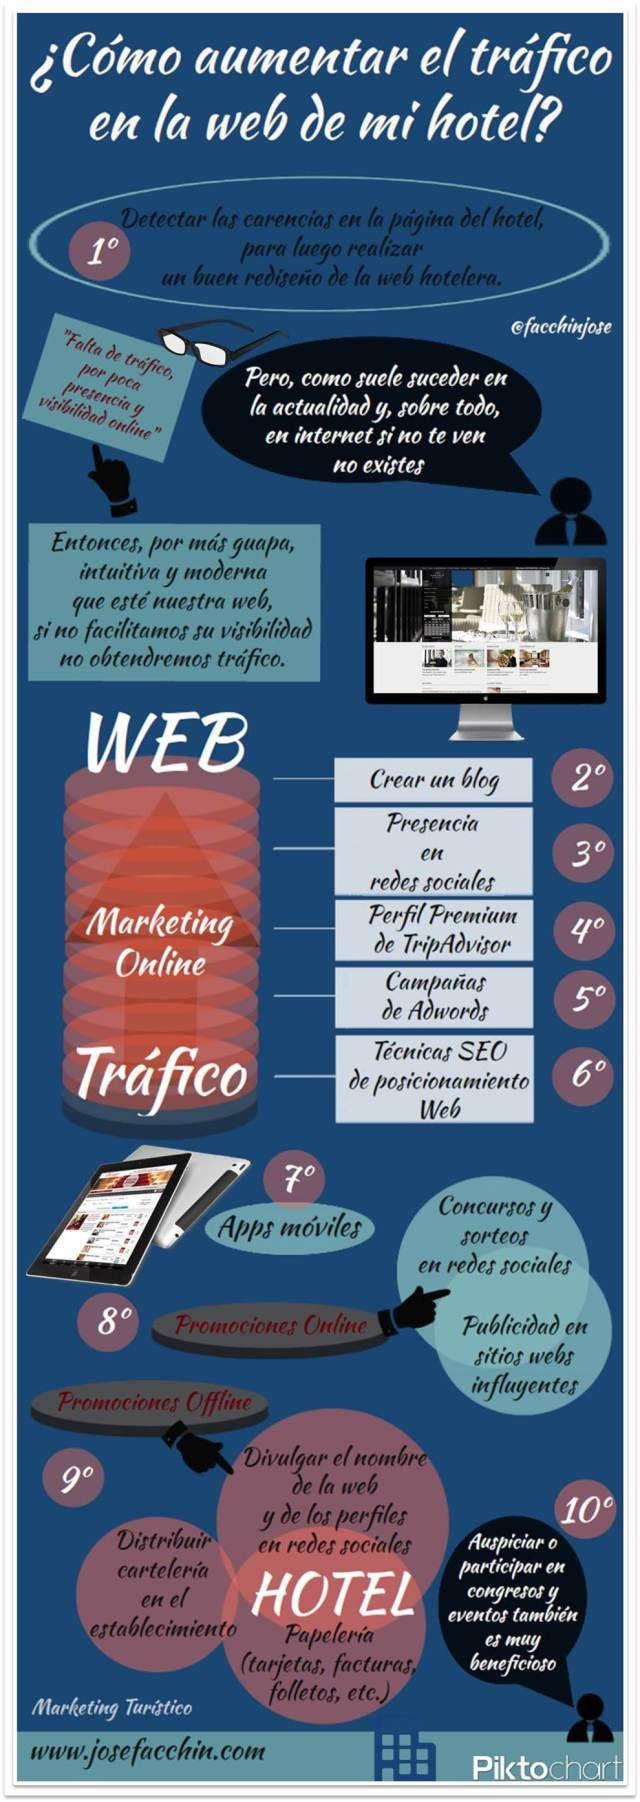 Infografía: ¿Cómo aumentar el tráfico hacia la página web de mi hotel?